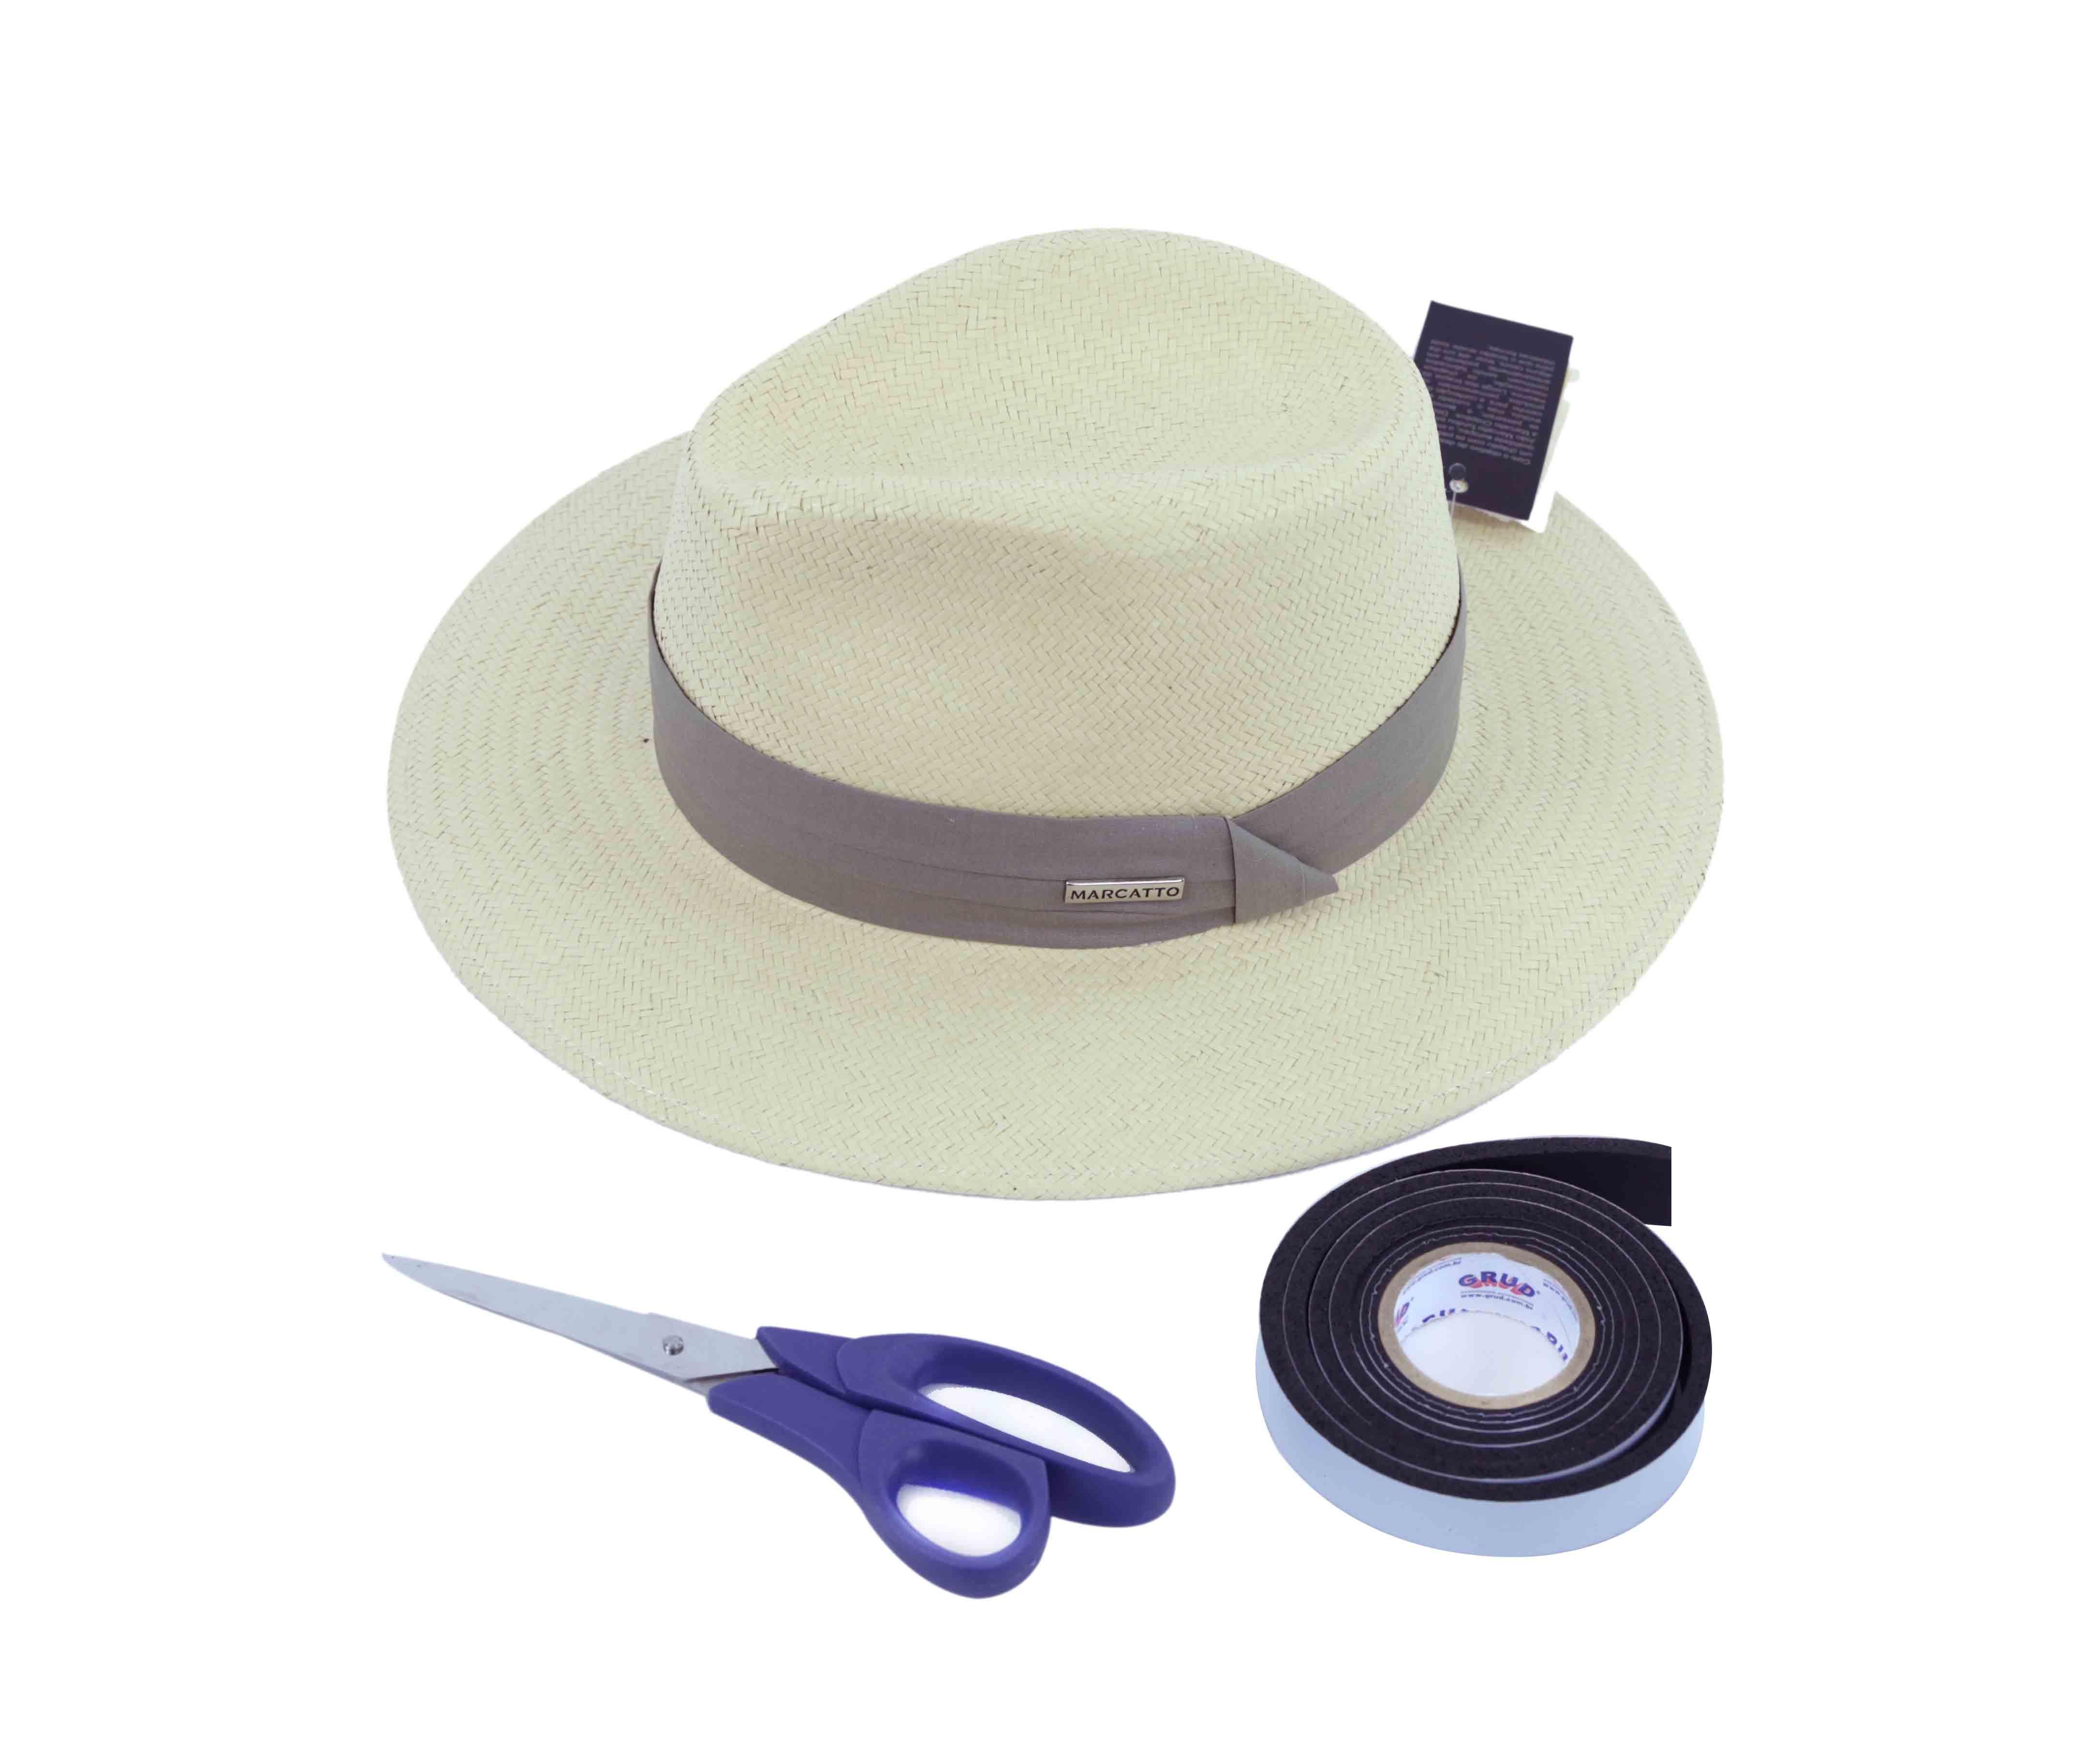 5852d434d Blog da Maria Chapéu - Como diminuir o tamanho do chapéu.